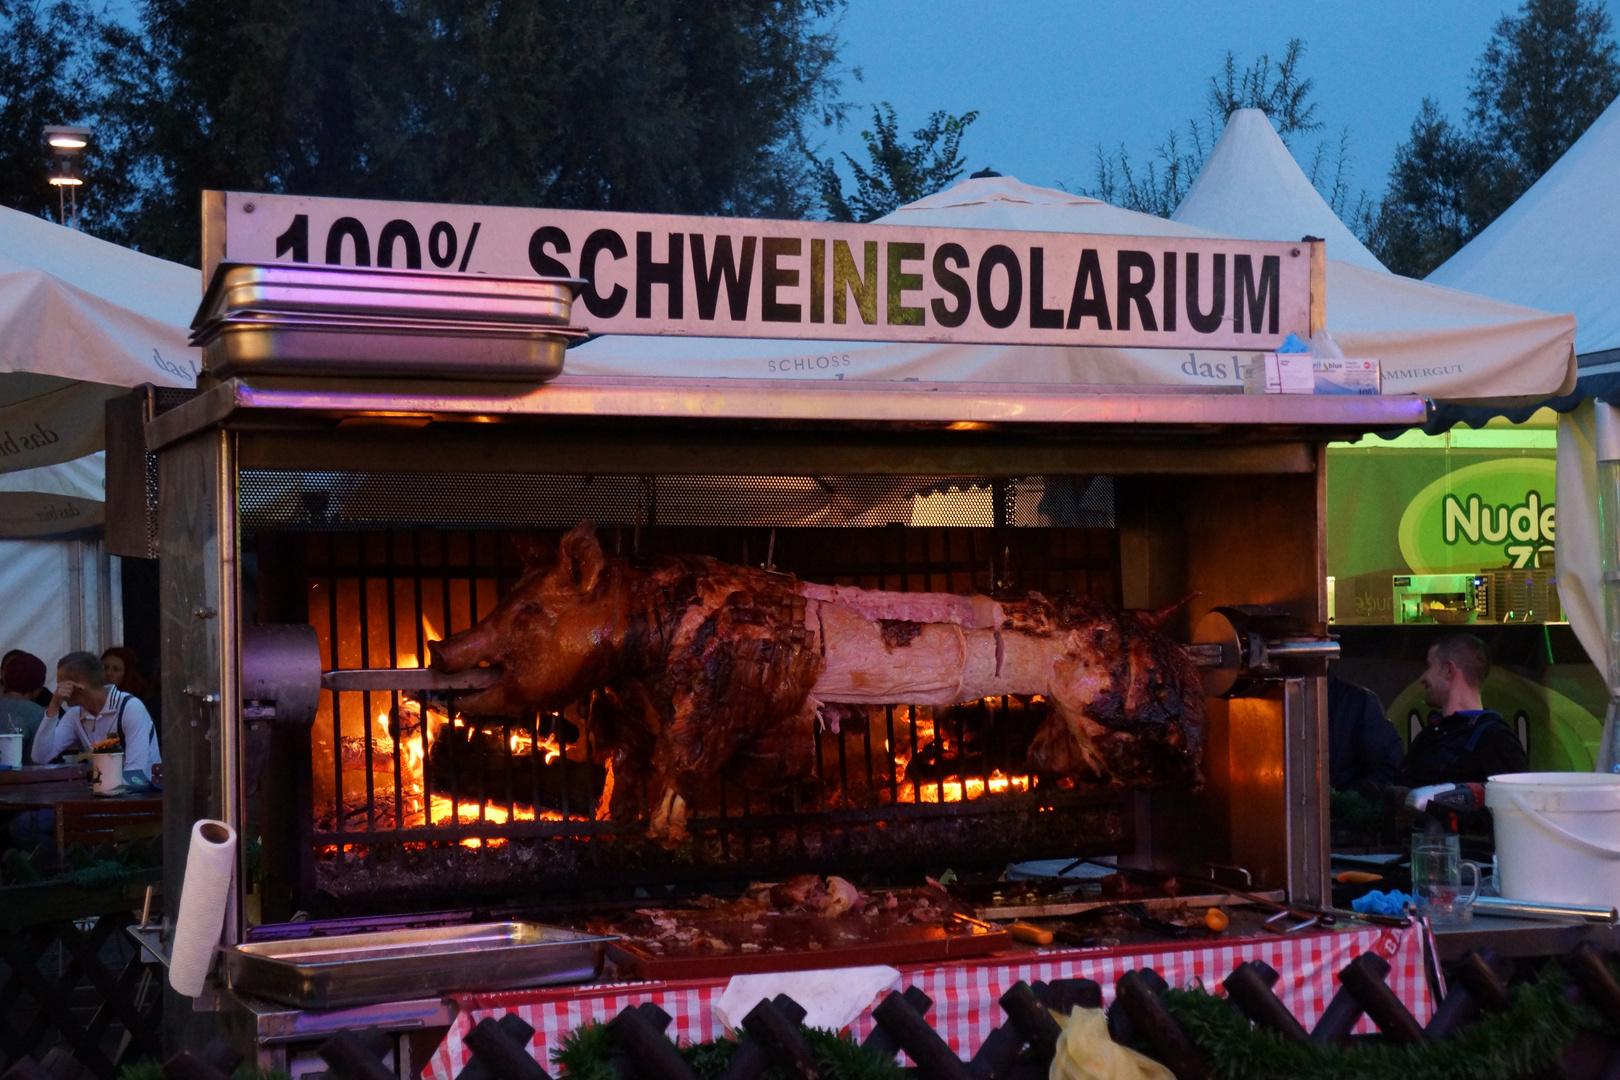 Schweinesolarium